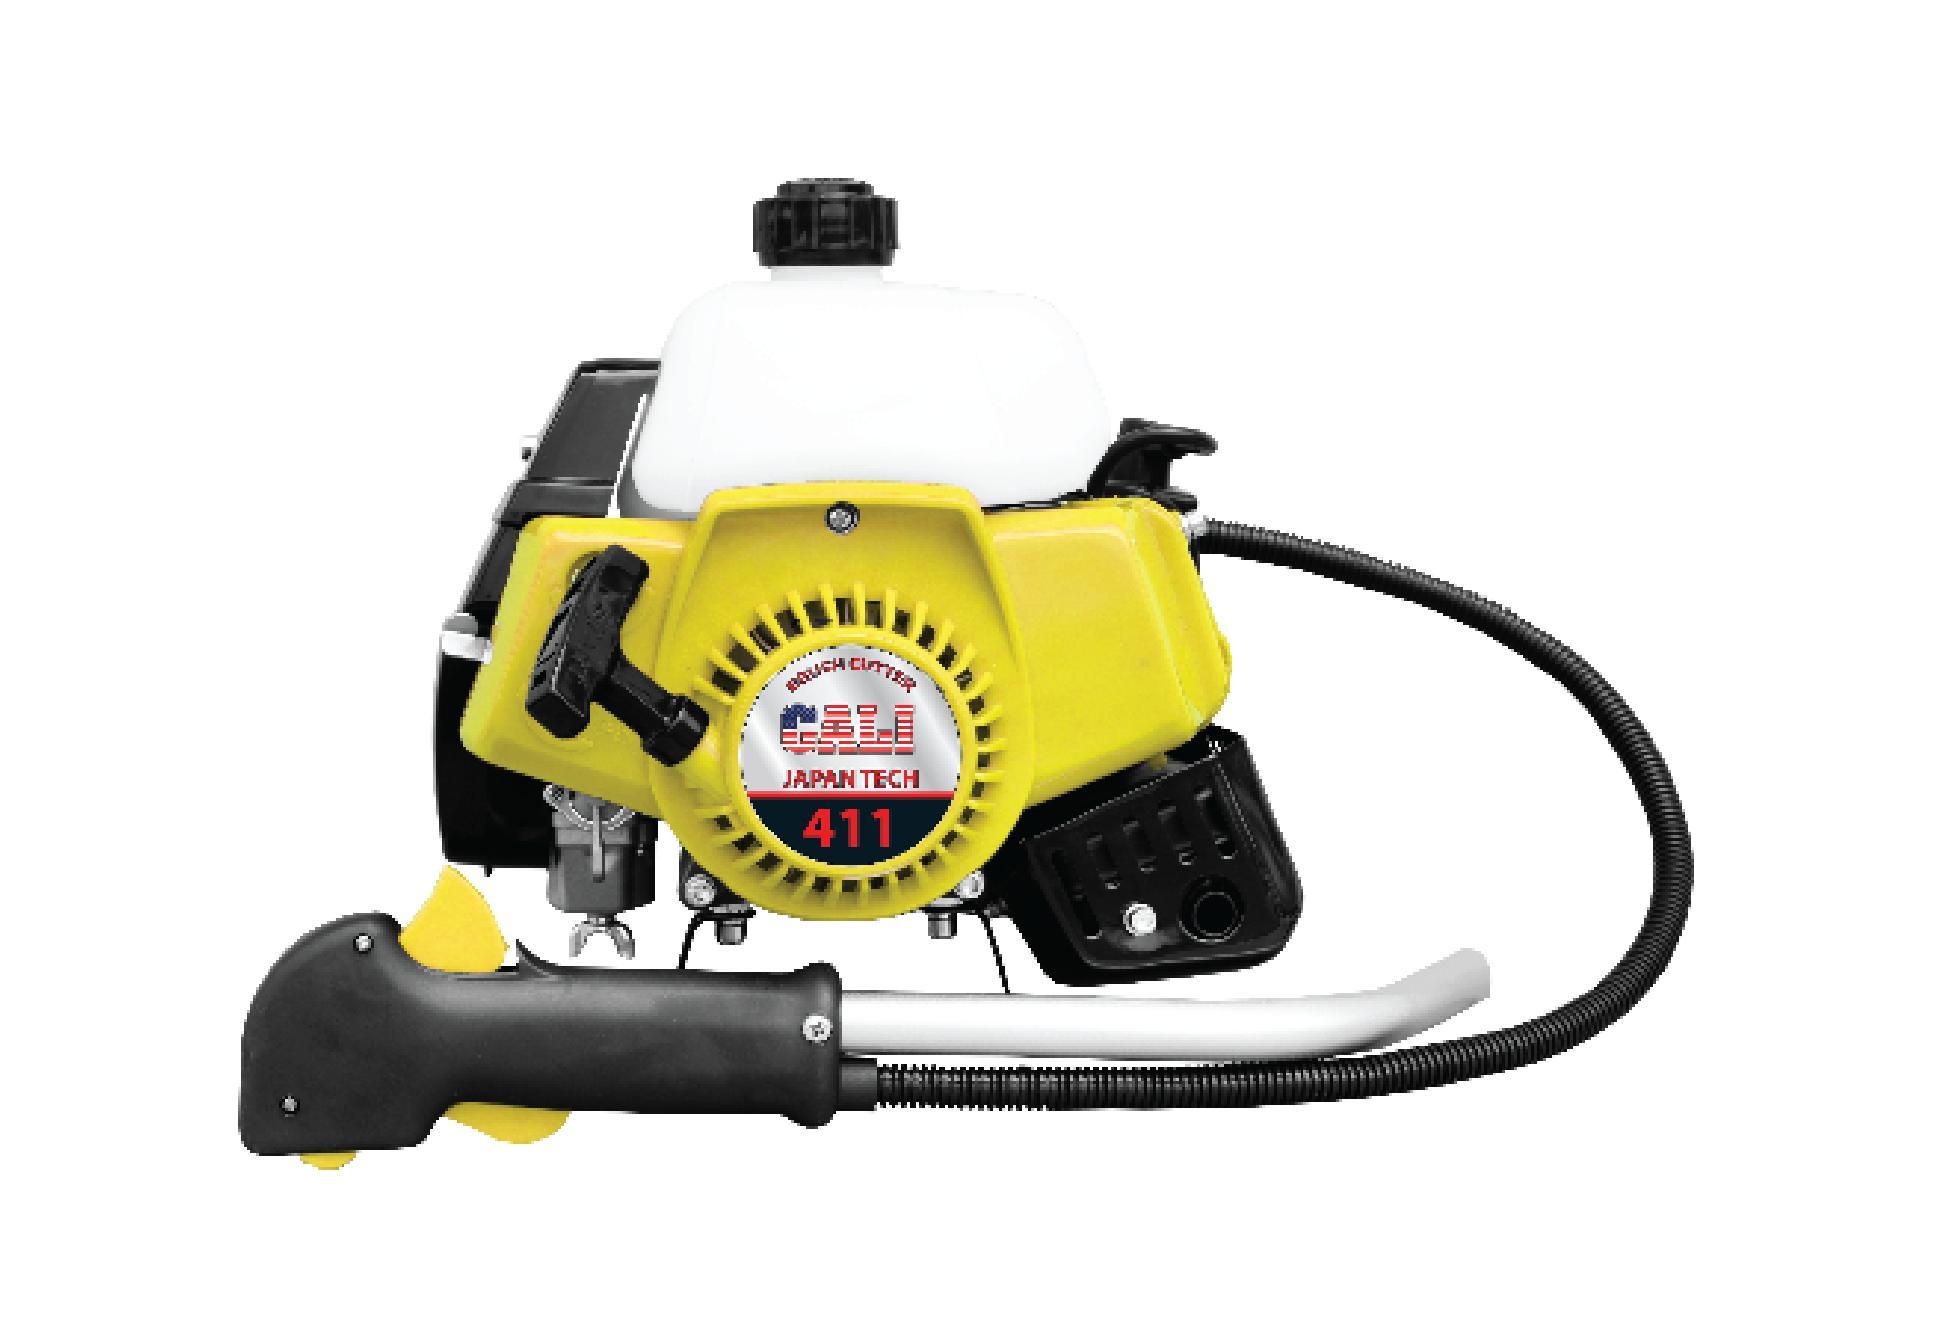 Đầu máy cắt cỏ mini cầm tay Cali 411, C/S 1.45 KW, Dung tích 40.2 cc